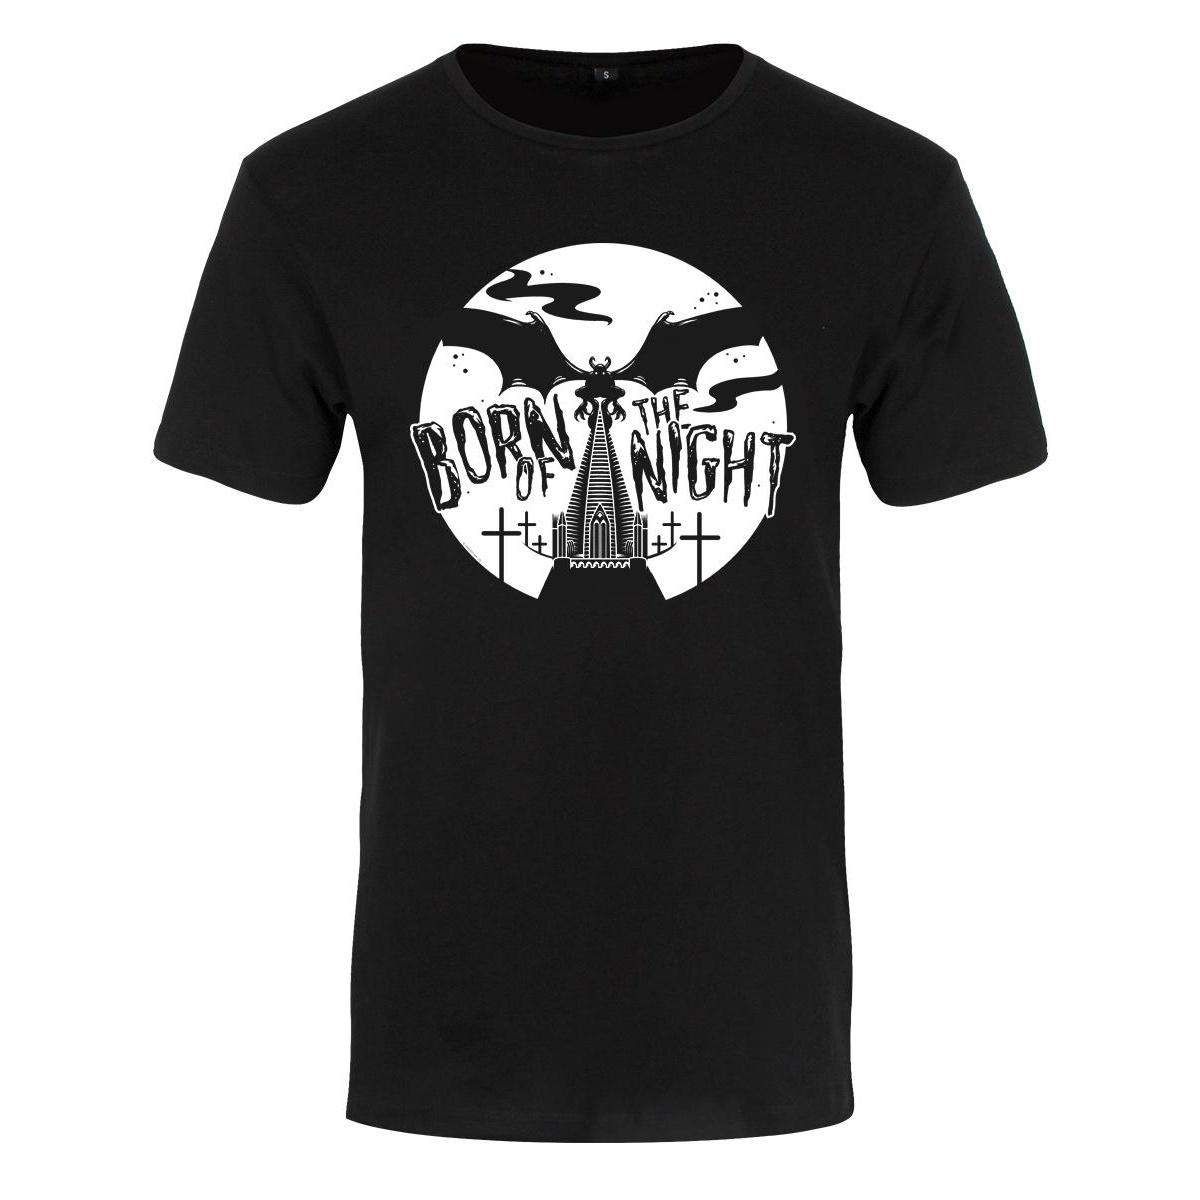 Grindstore Mens Born Of The Night Premium T-Shirt (Medium (38-40in)) (Black)